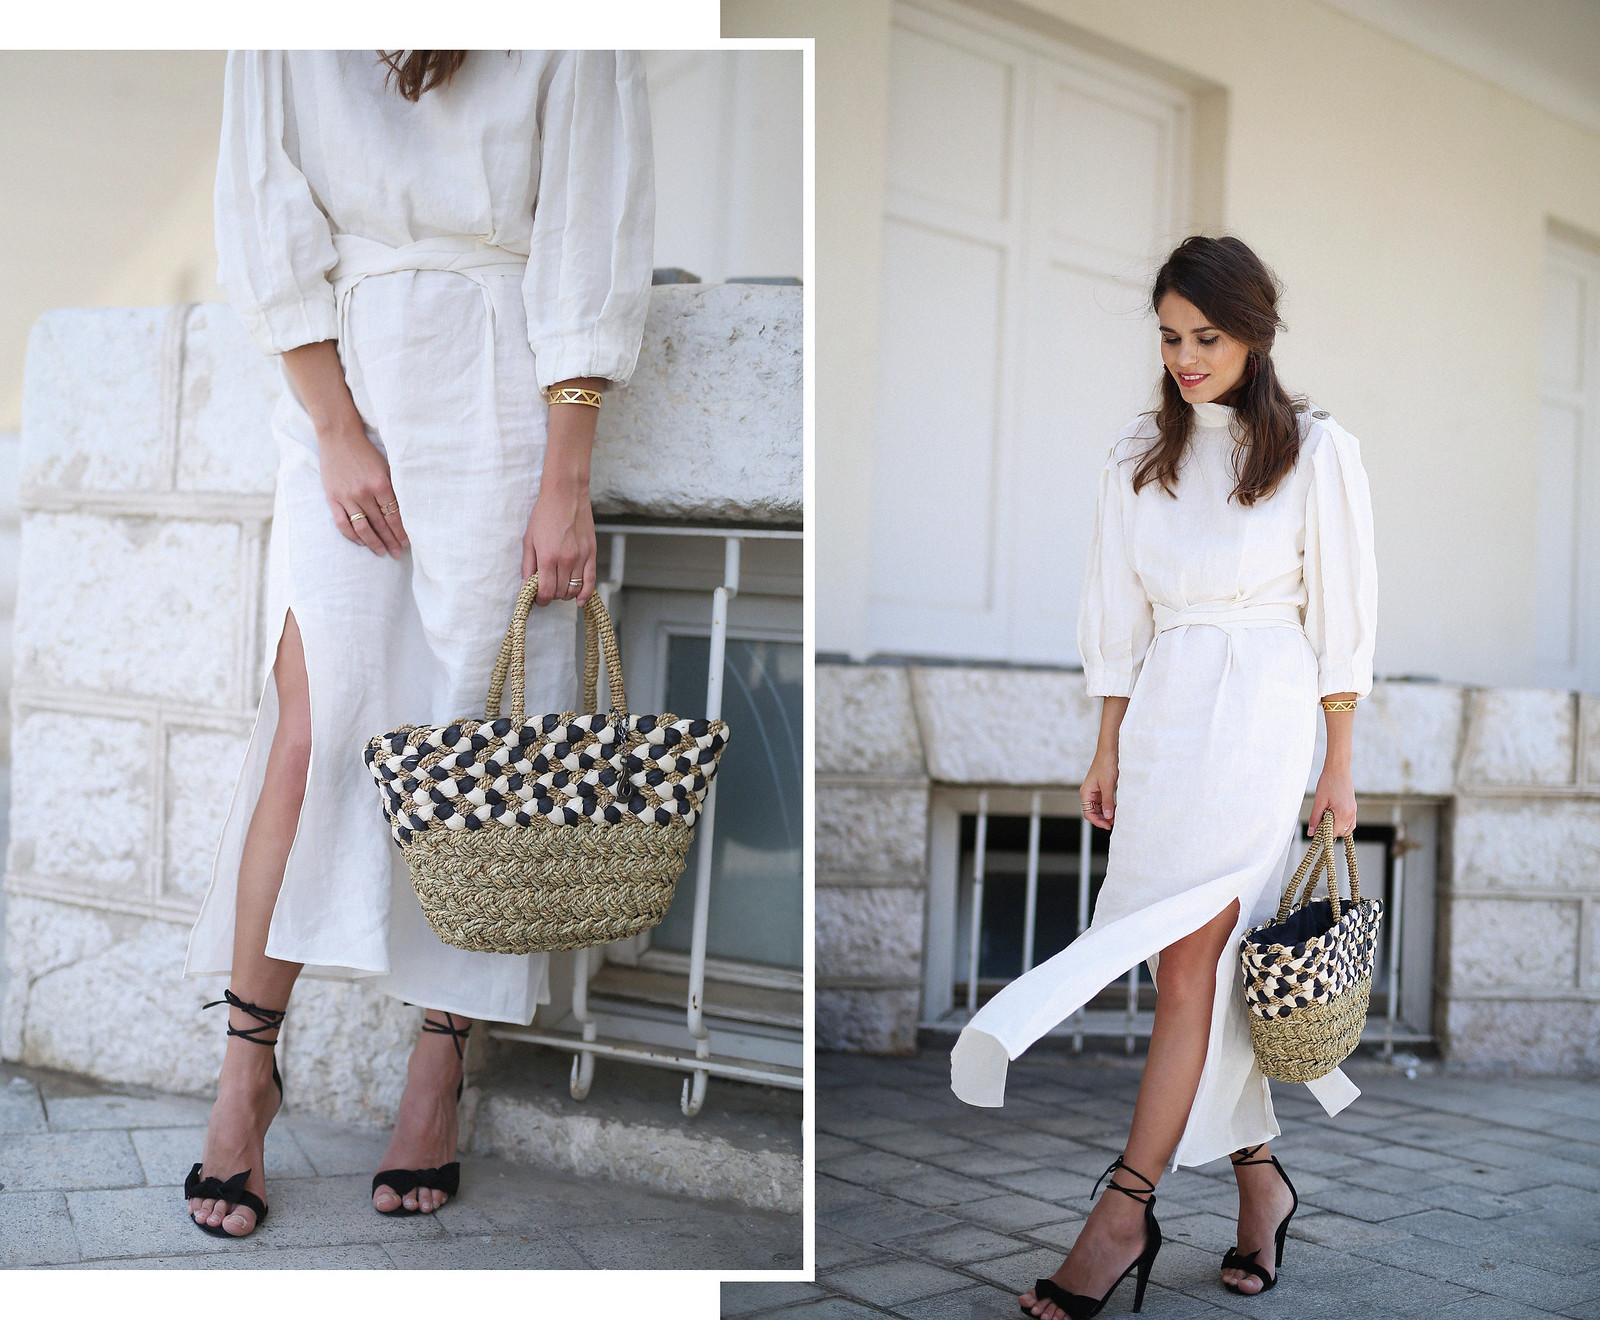 jessie chanes seams for a desire zara vestido lino capazo rafia-1